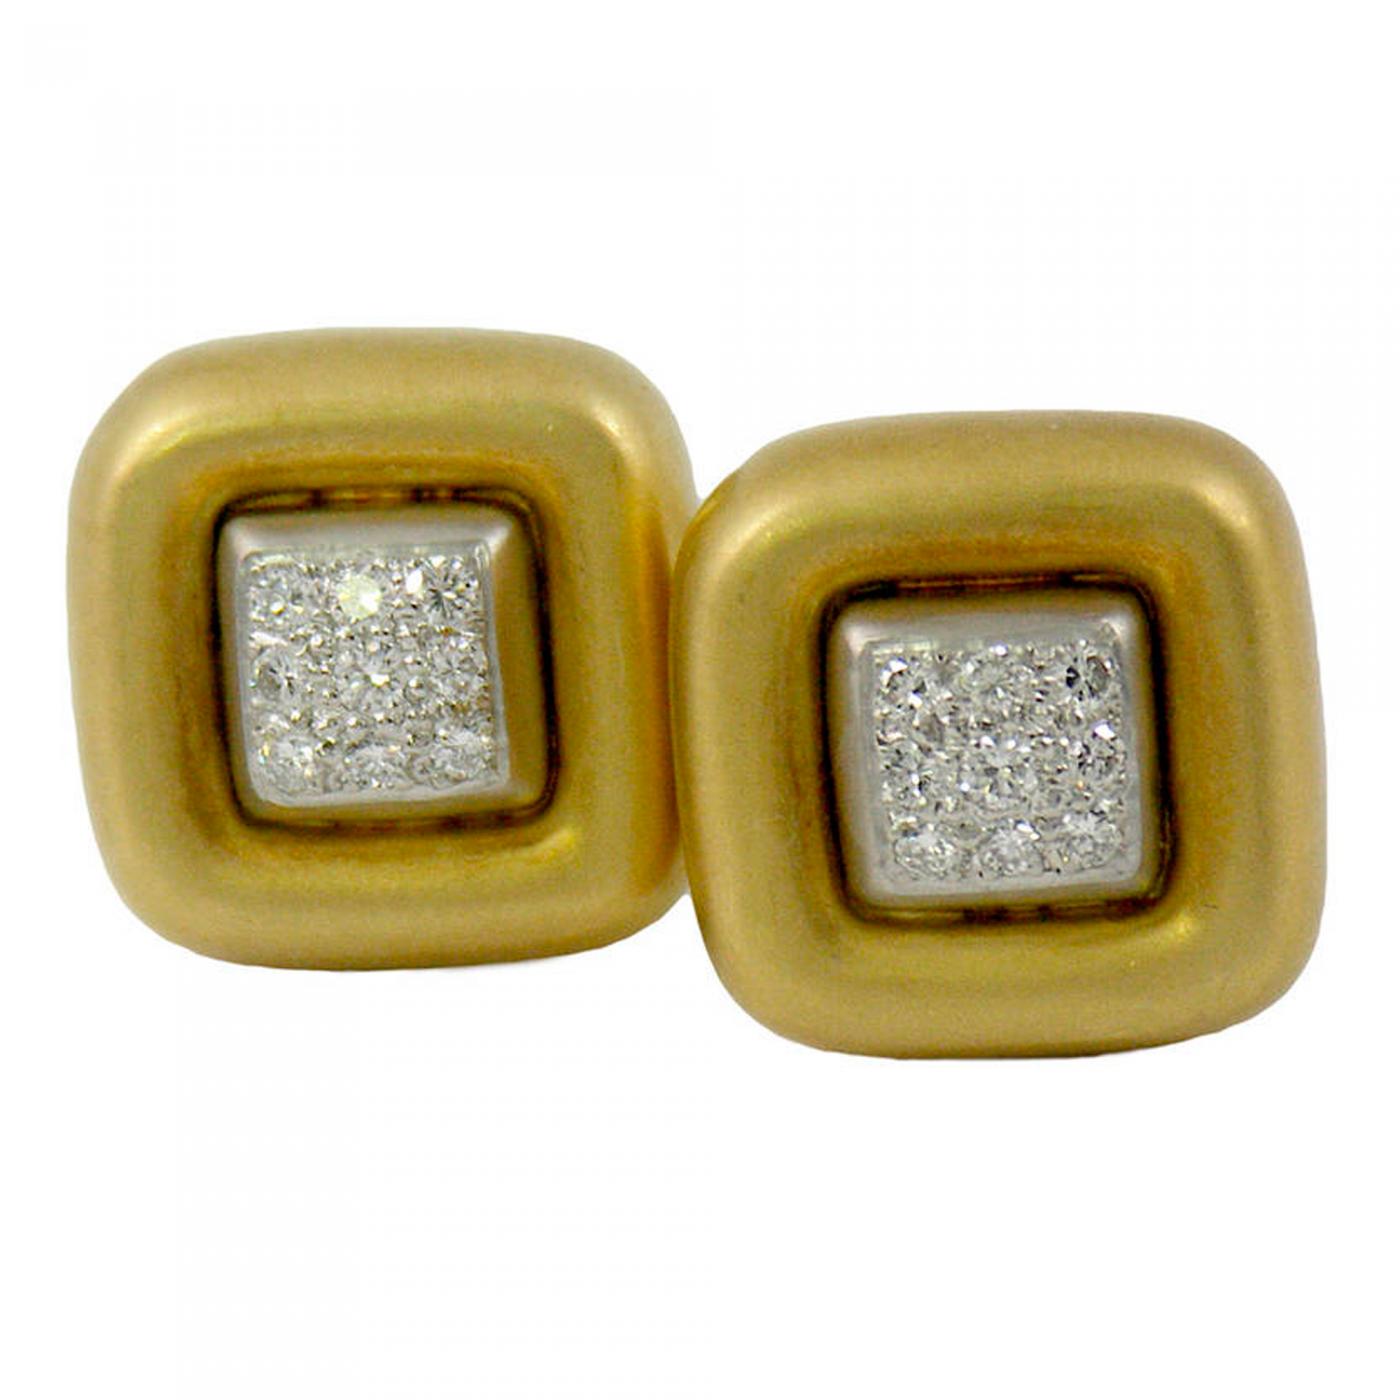 Marlene Stowe Marlene Stowe Pavé Diamond Gold Earrings